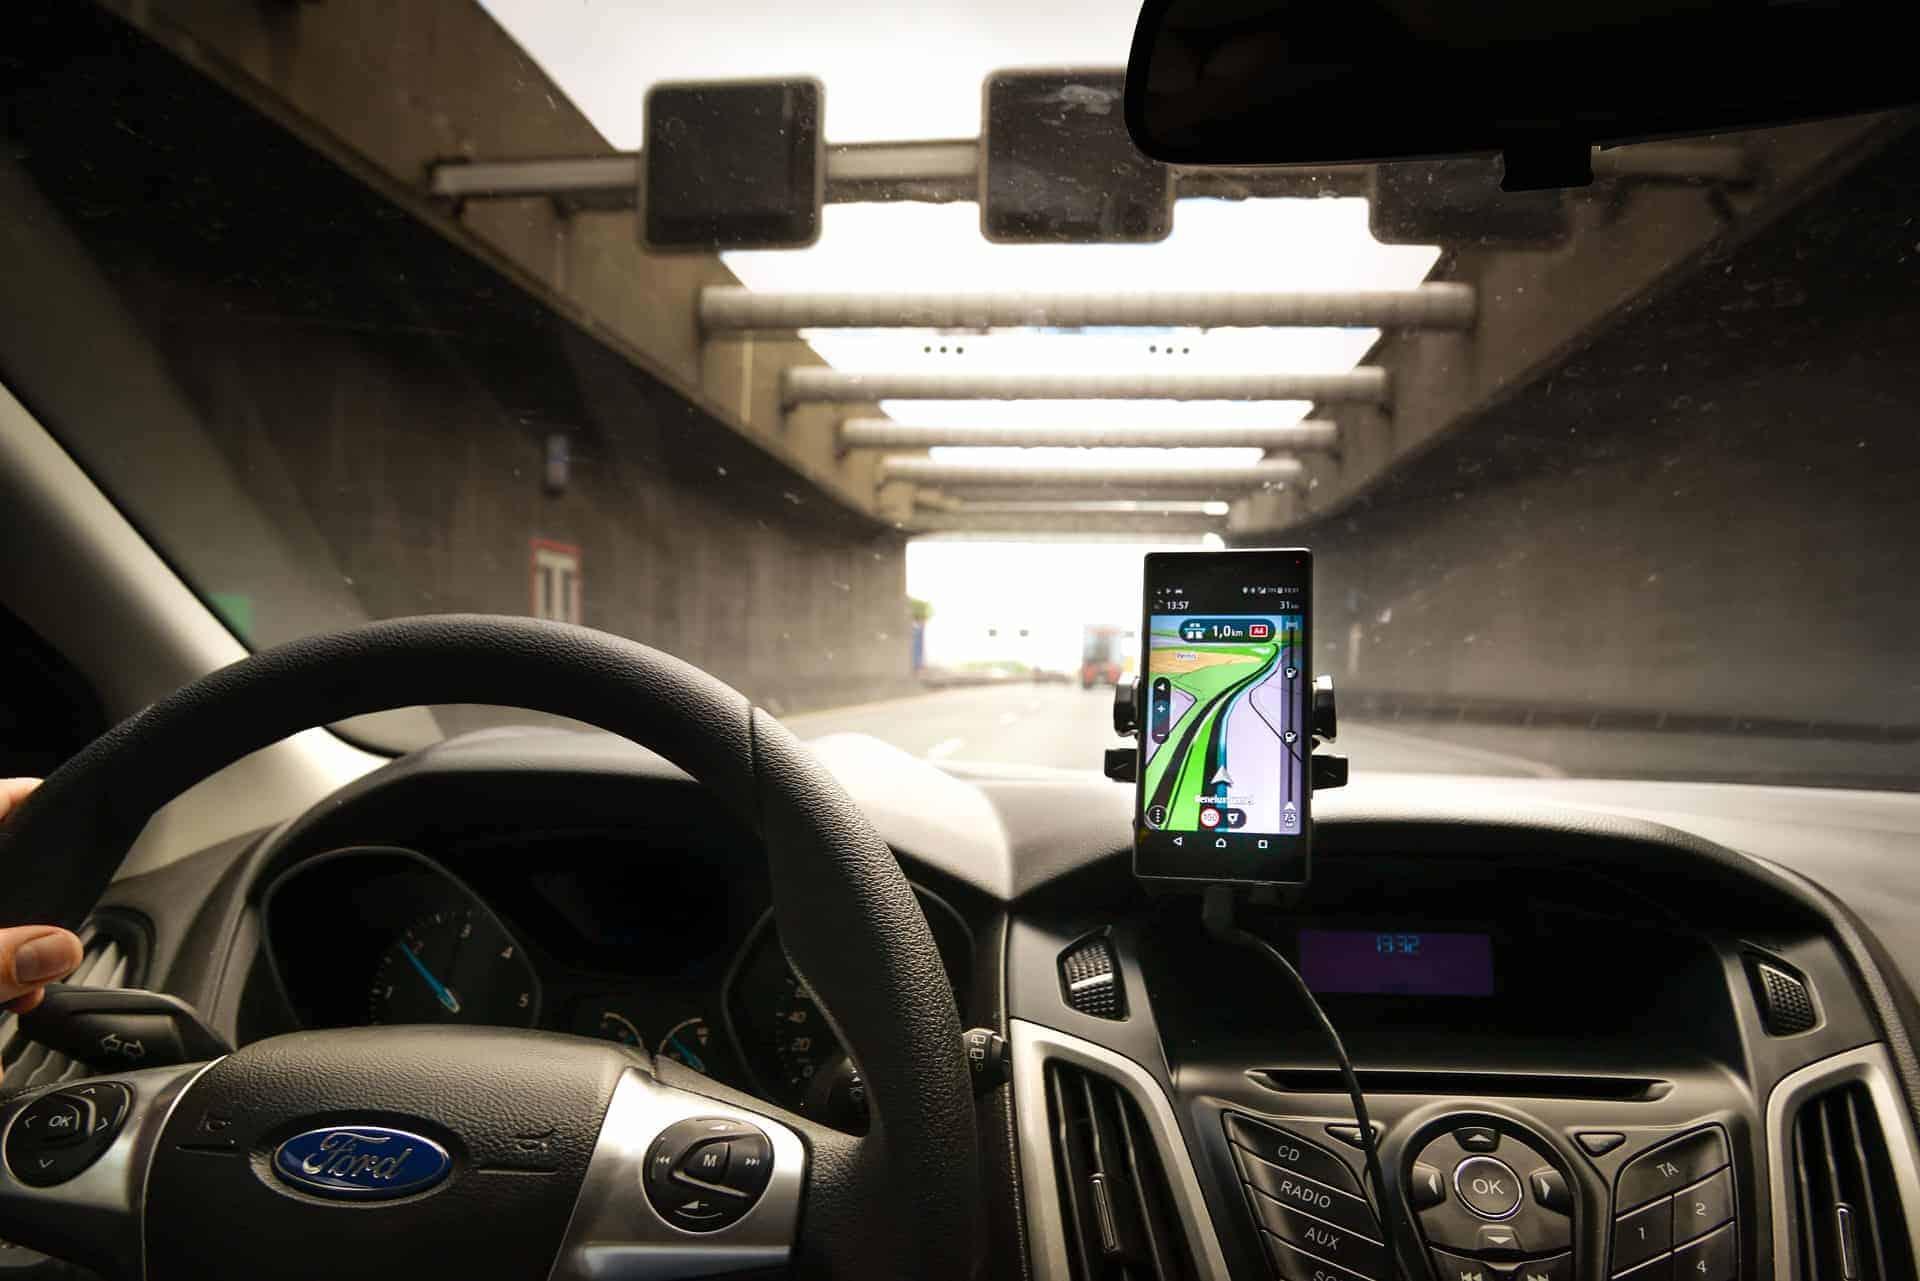 Motorrad Handyhalterung: Test & Empfehlungen (11/20)